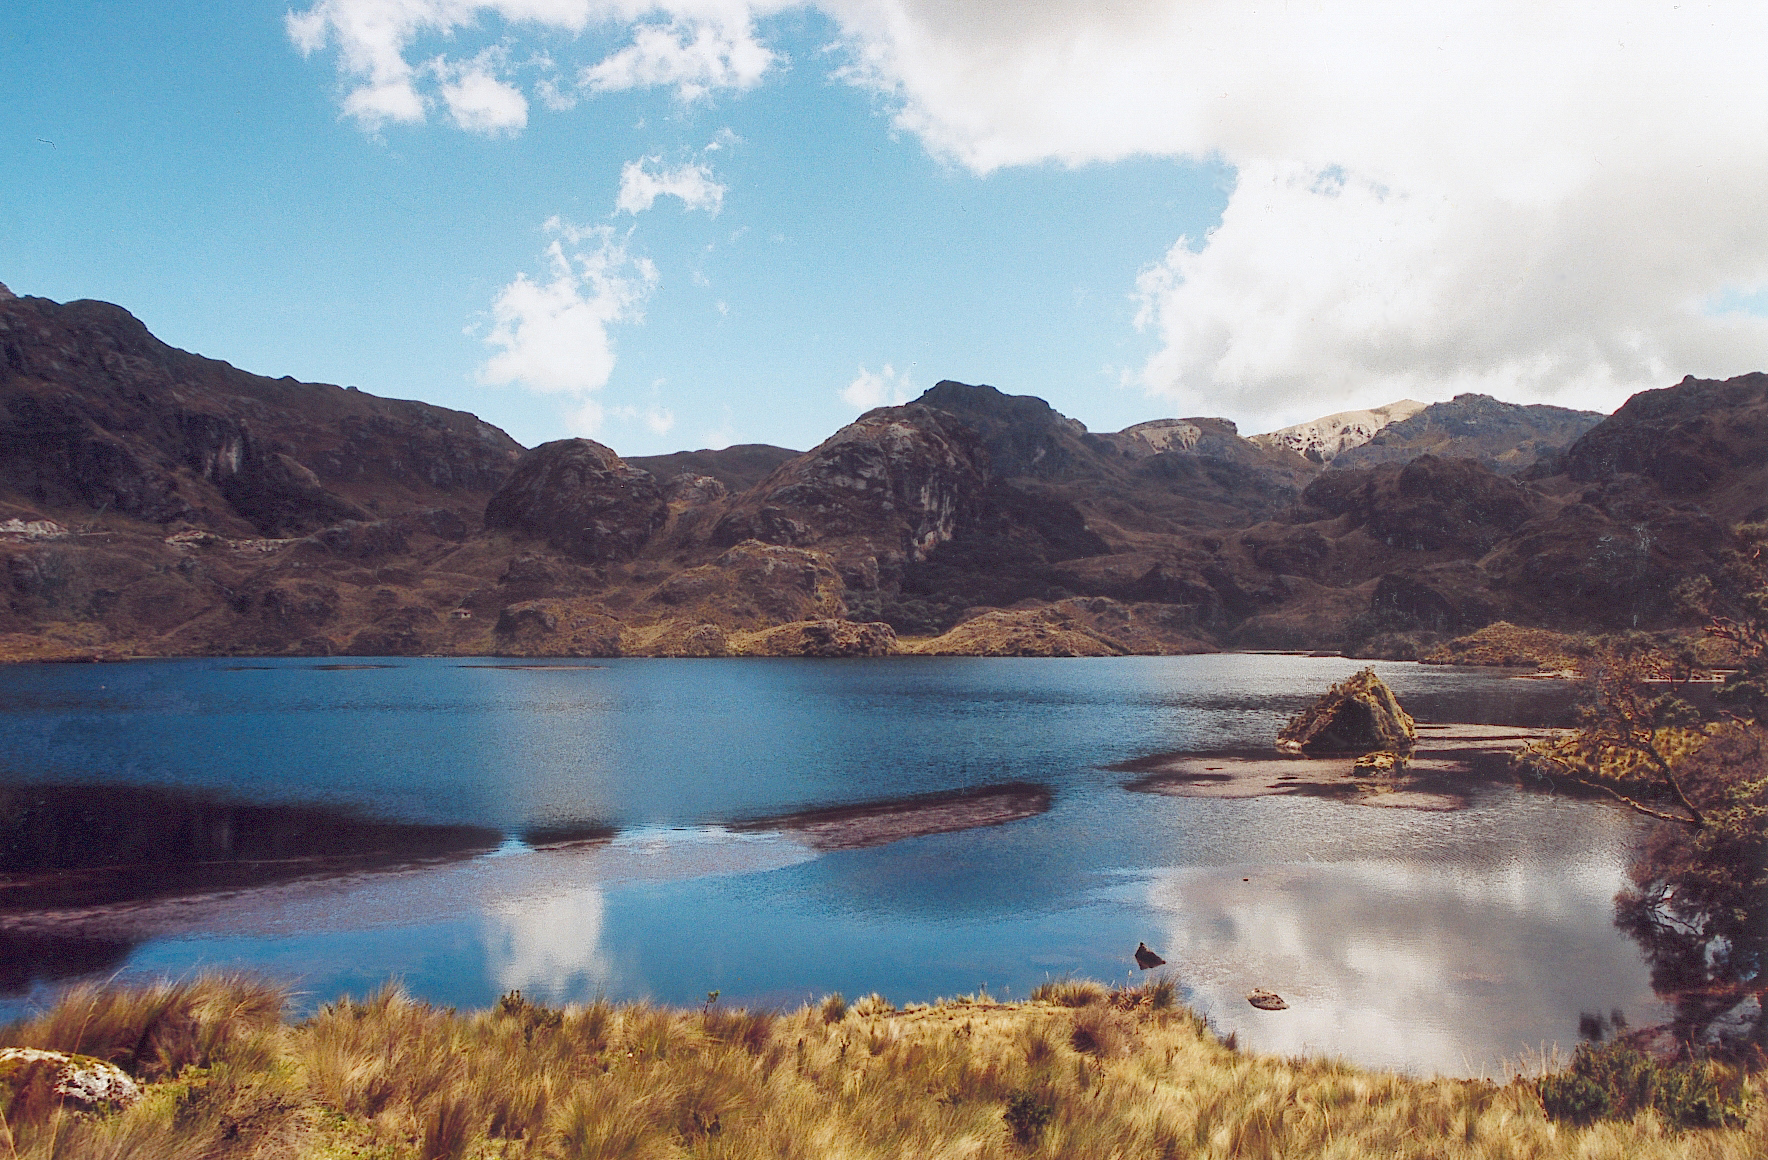 Description Ecuador Cajas National Park